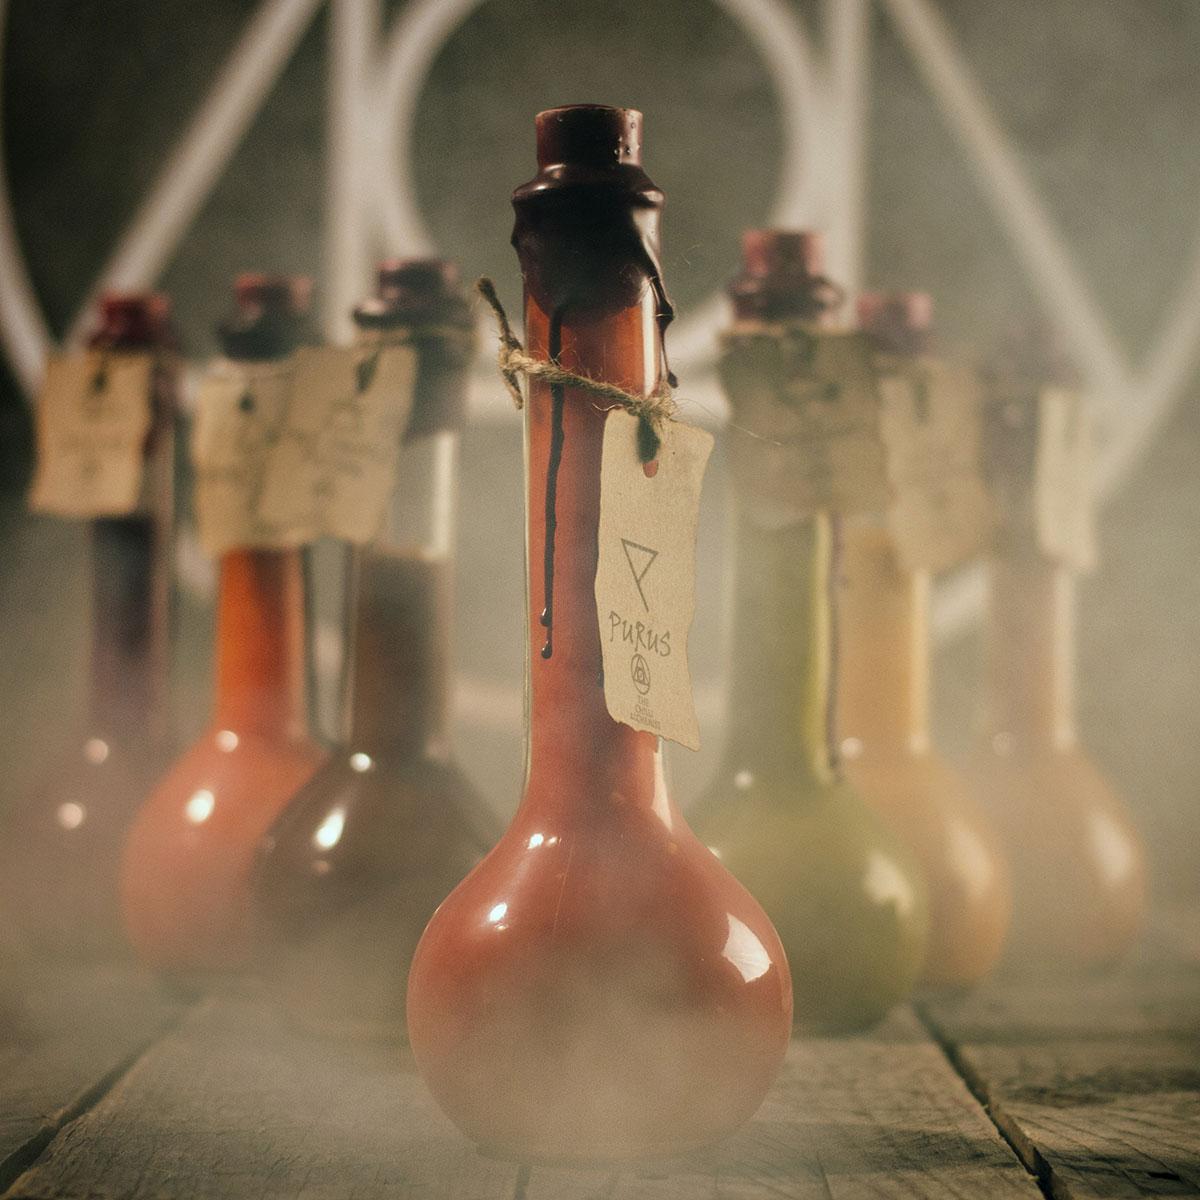 Les Sauces Chili de The Chilli Alchemist